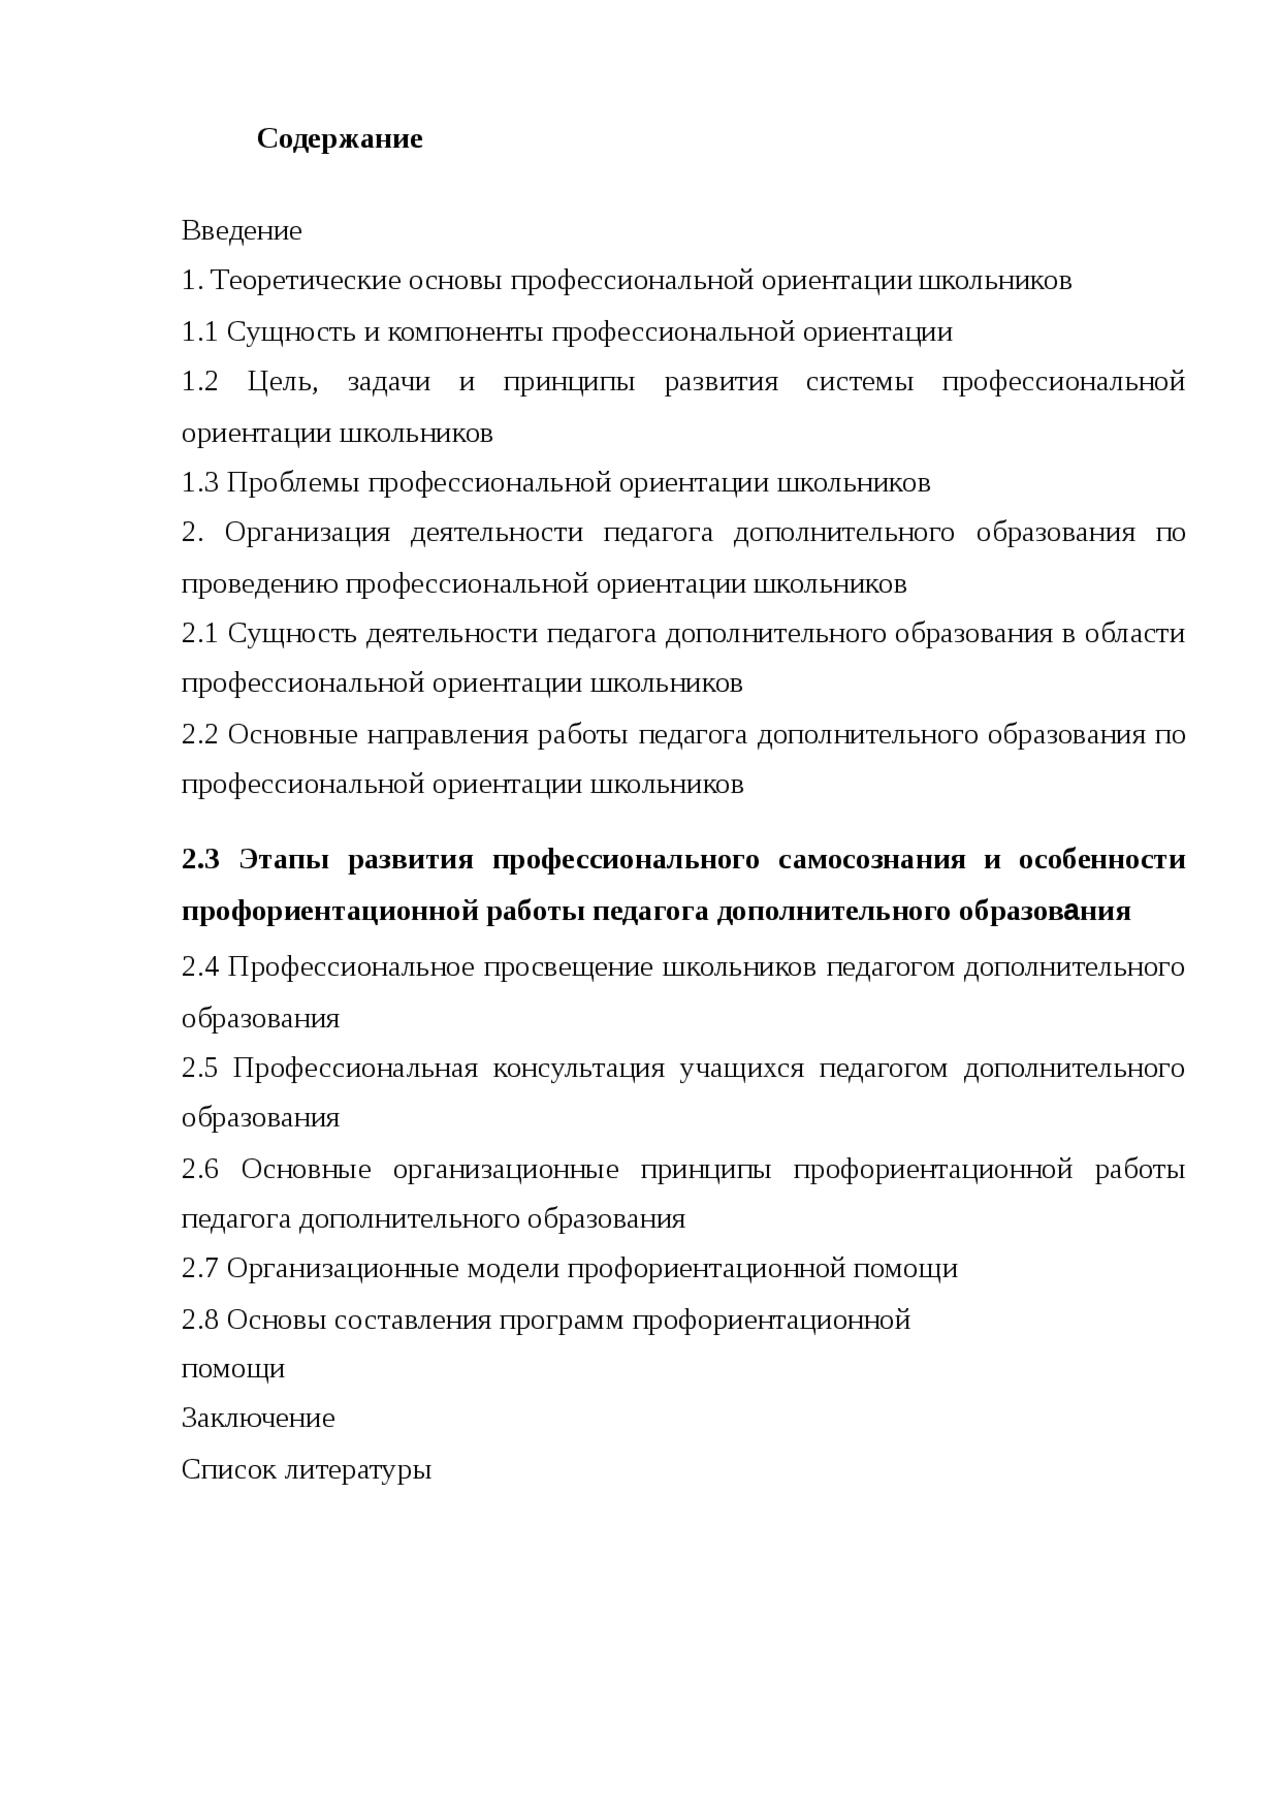 Современная девушка модель профориентационной работы евгений денисенко